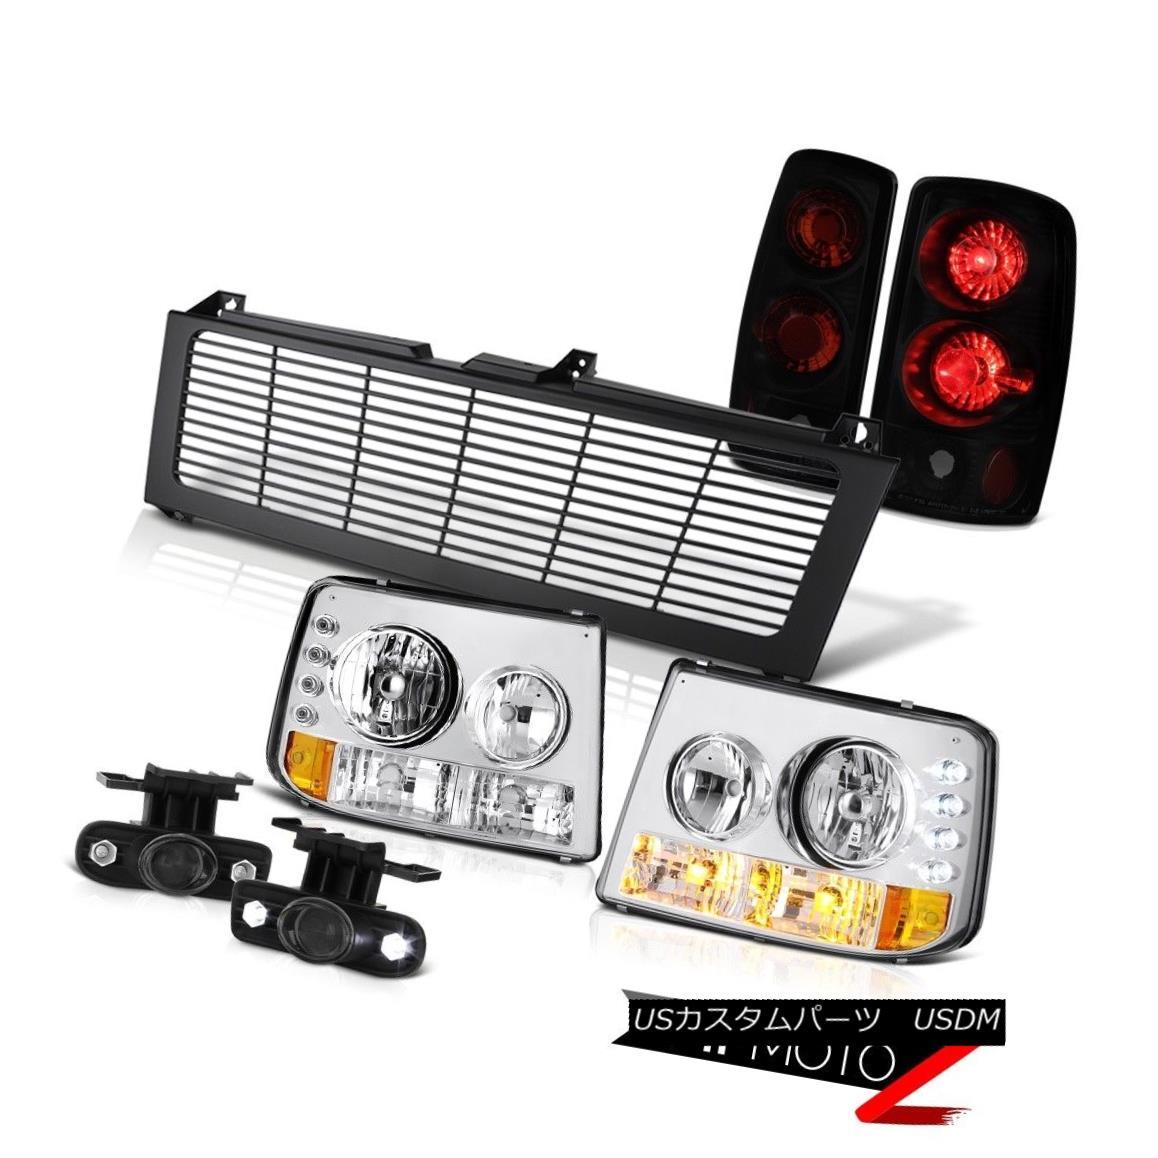 ヘッドライト 00 01 02 03 04 05 06 Suburban Headlamp Darkest Taillight Bumper Fog Black Grille 00 01 02 03 04 05 06郊外ヘッドランプダークテイルティアライトバンパーフォグブラックグリル